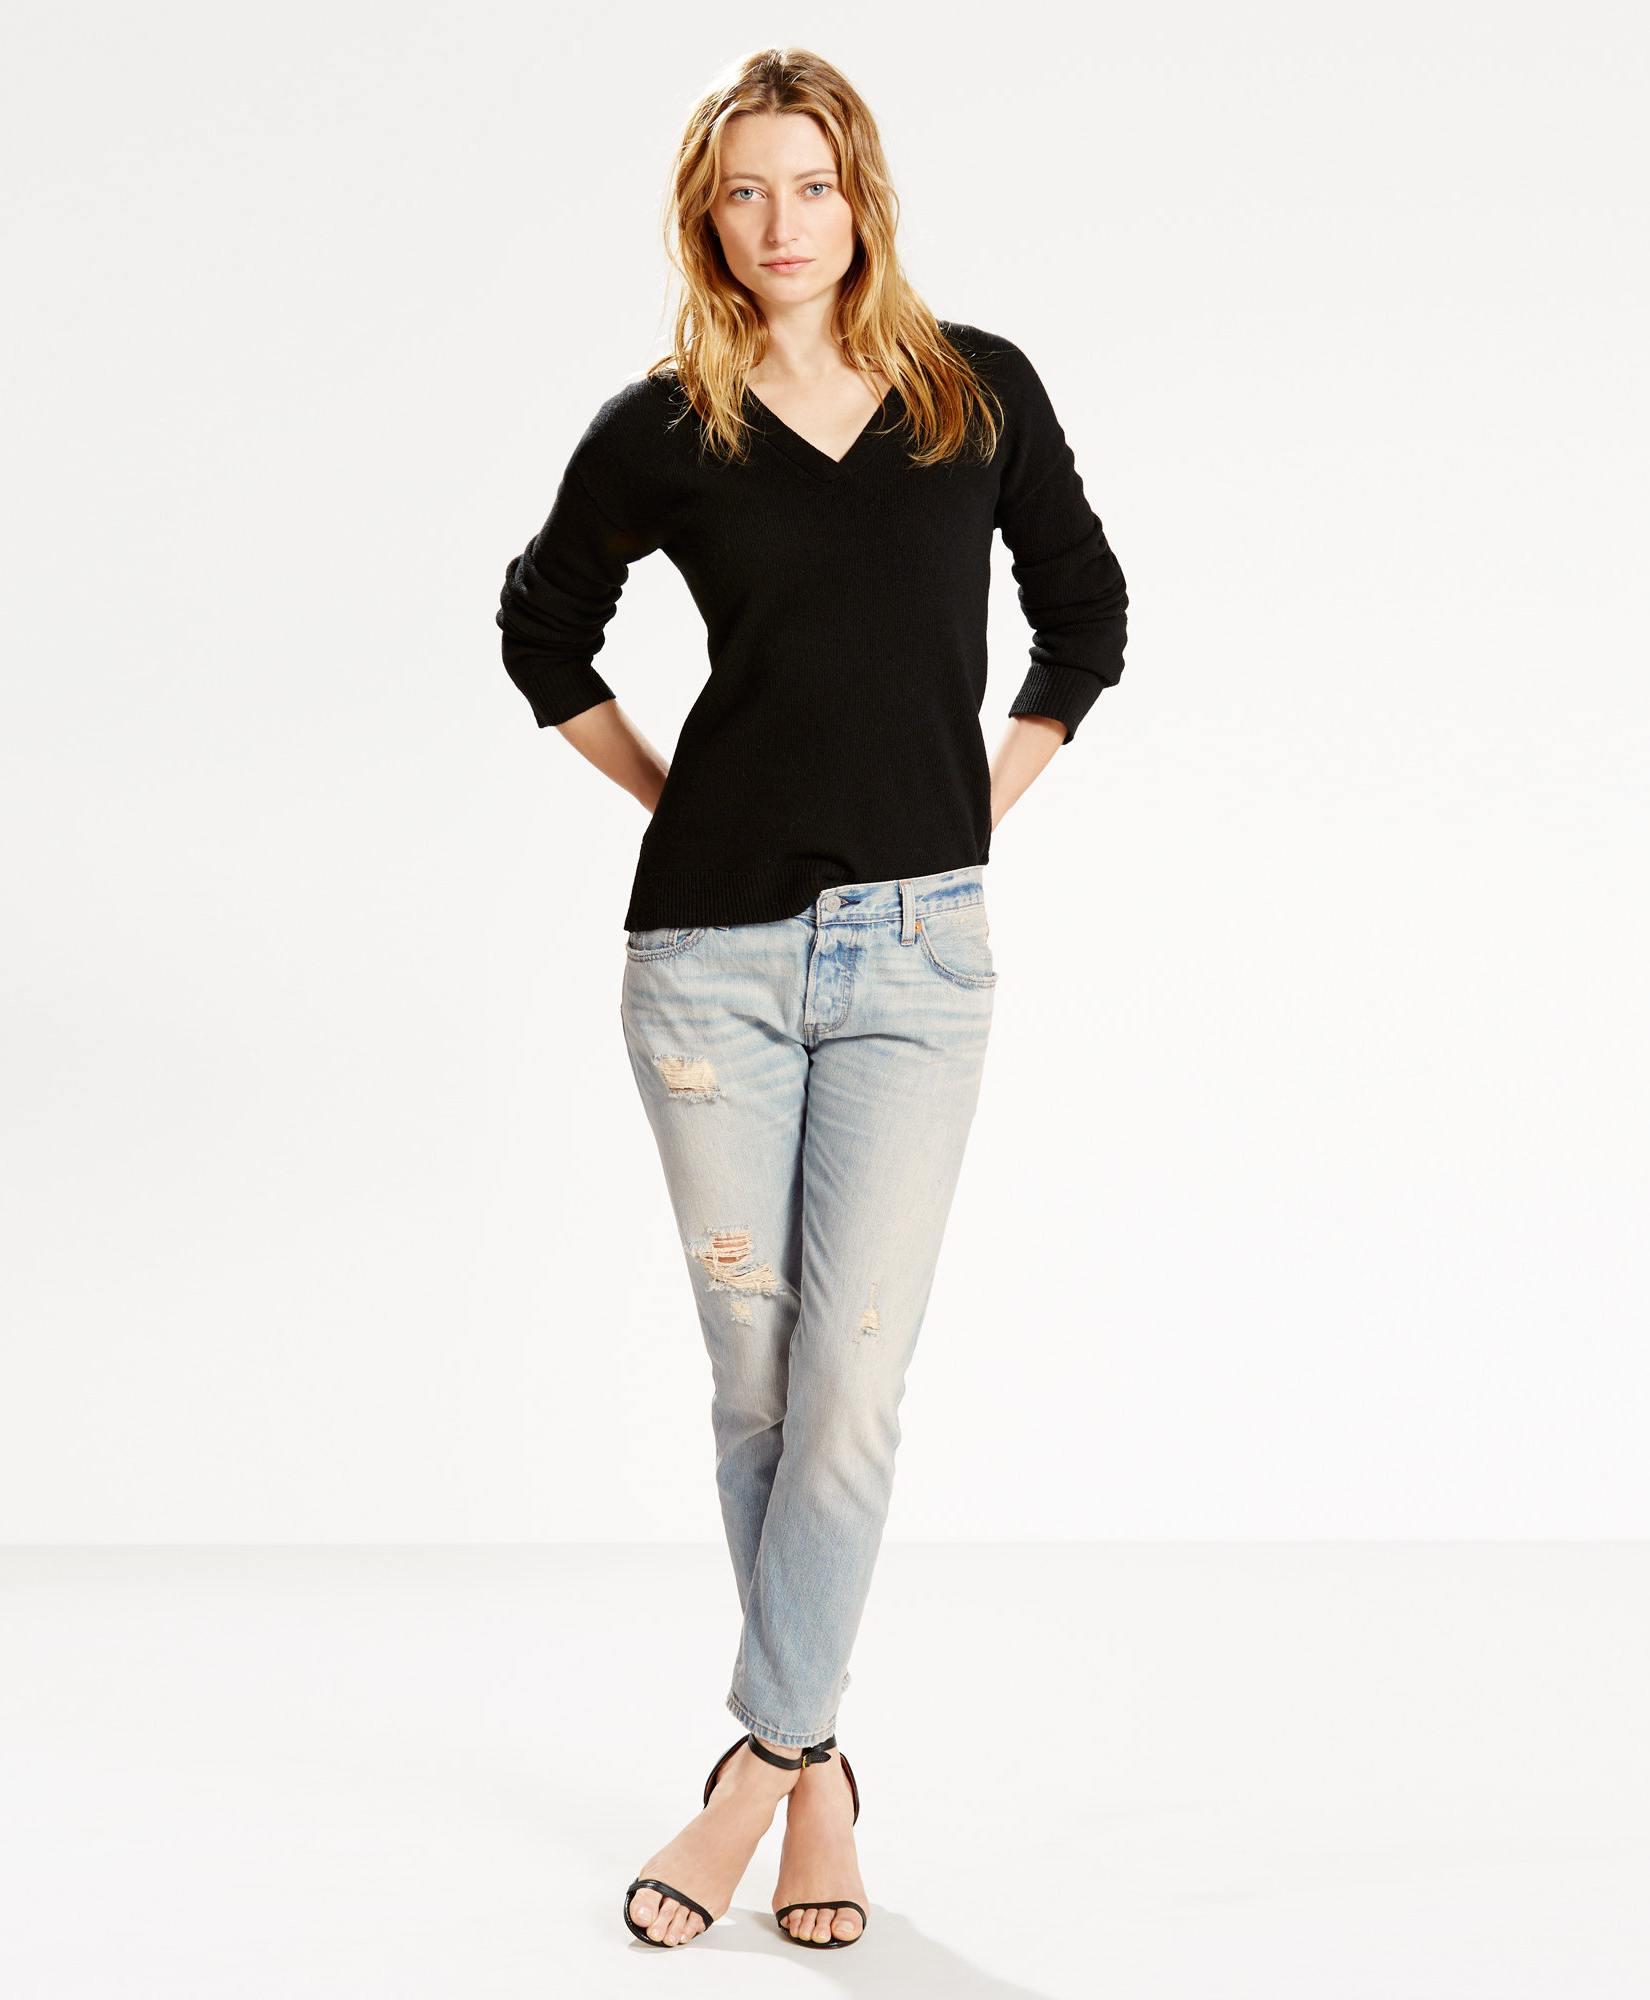 Wrangler джинсы магазин доставка